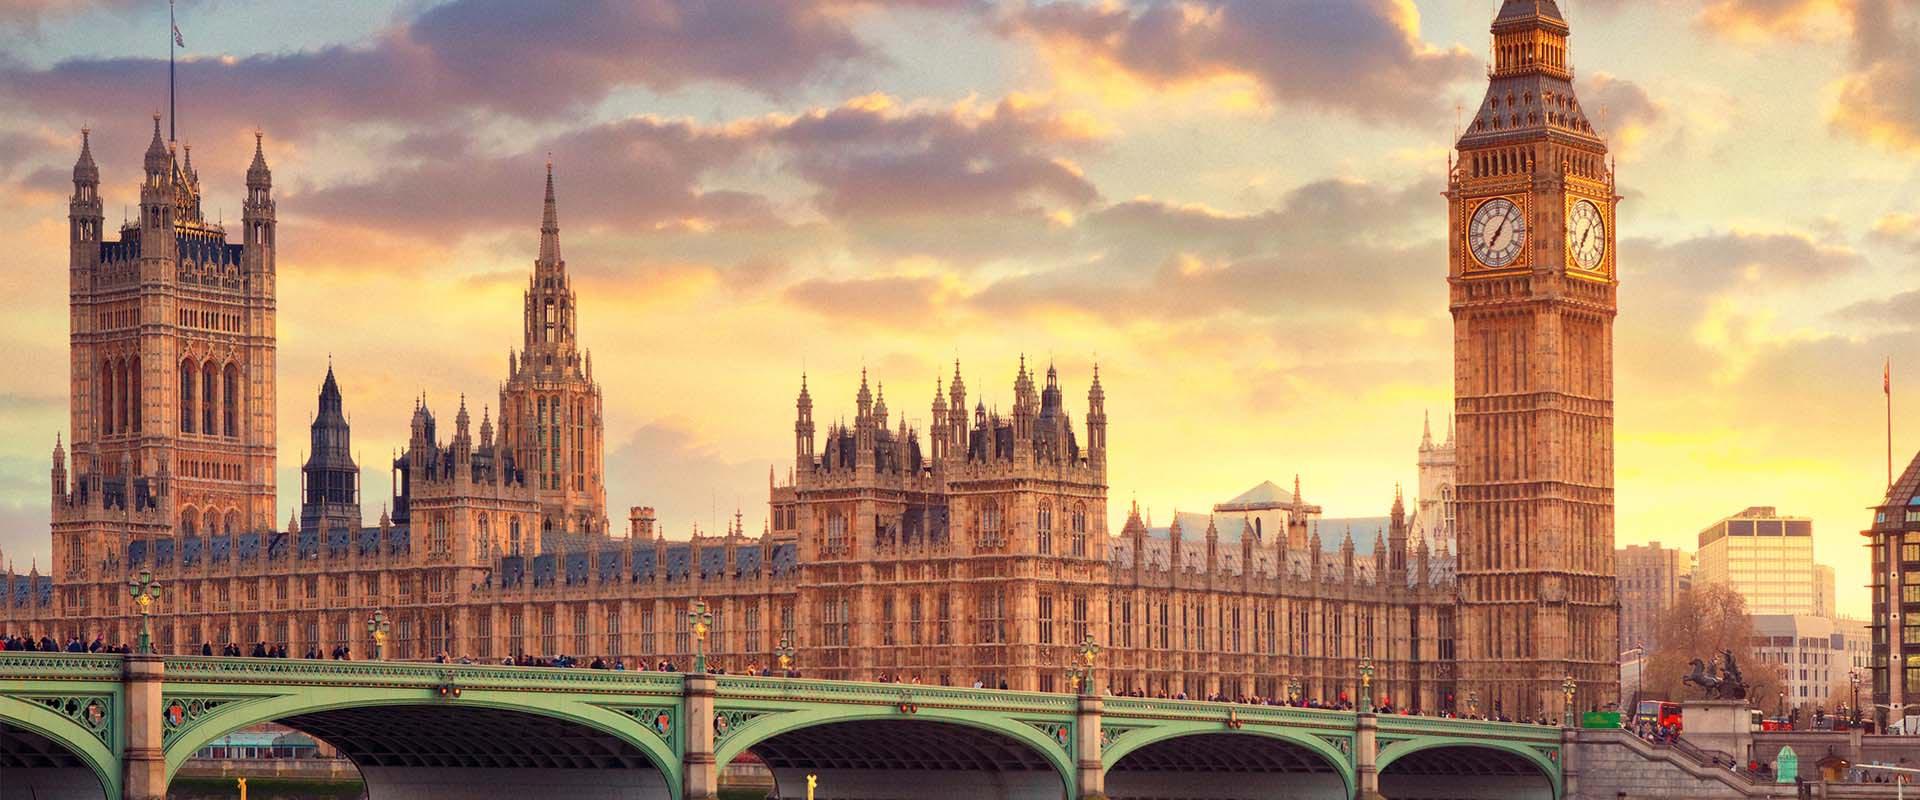 england bank holidays 2022